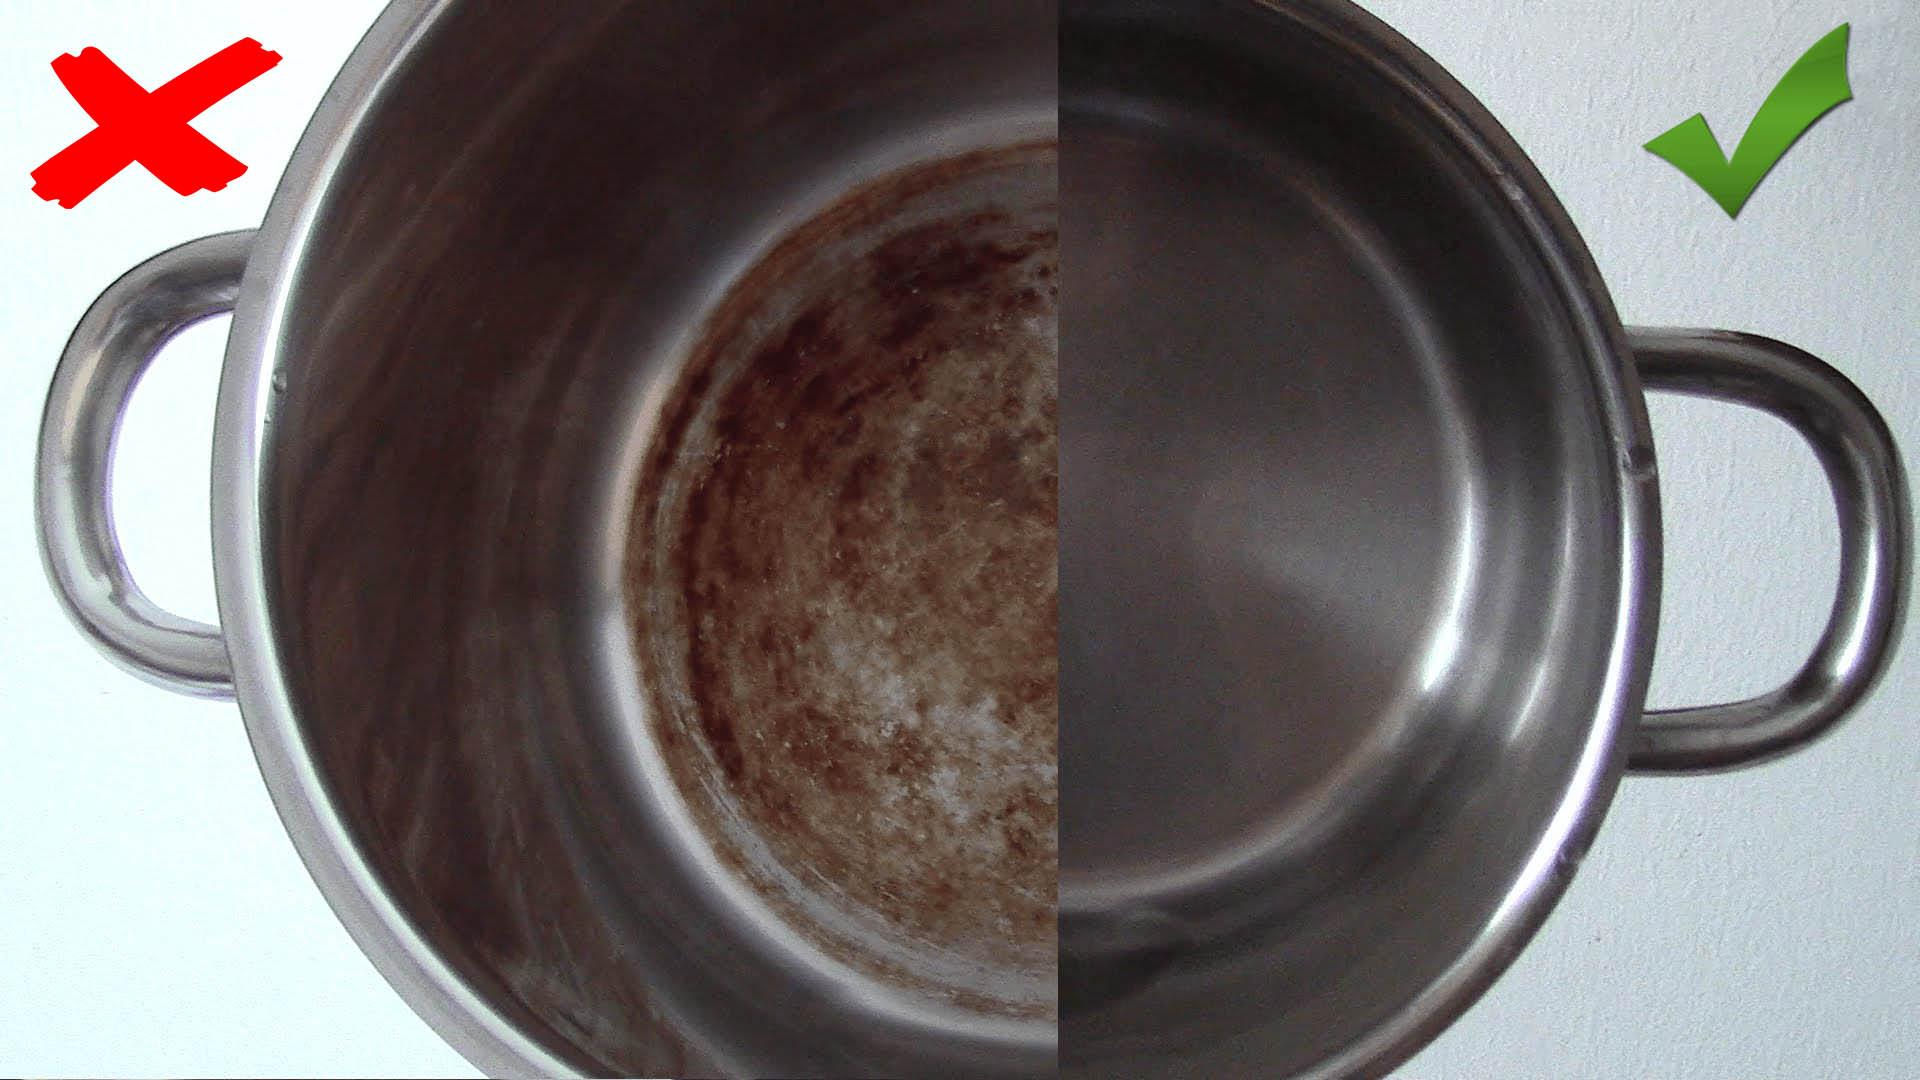 Уход за алюминиевой посудой - первое использование